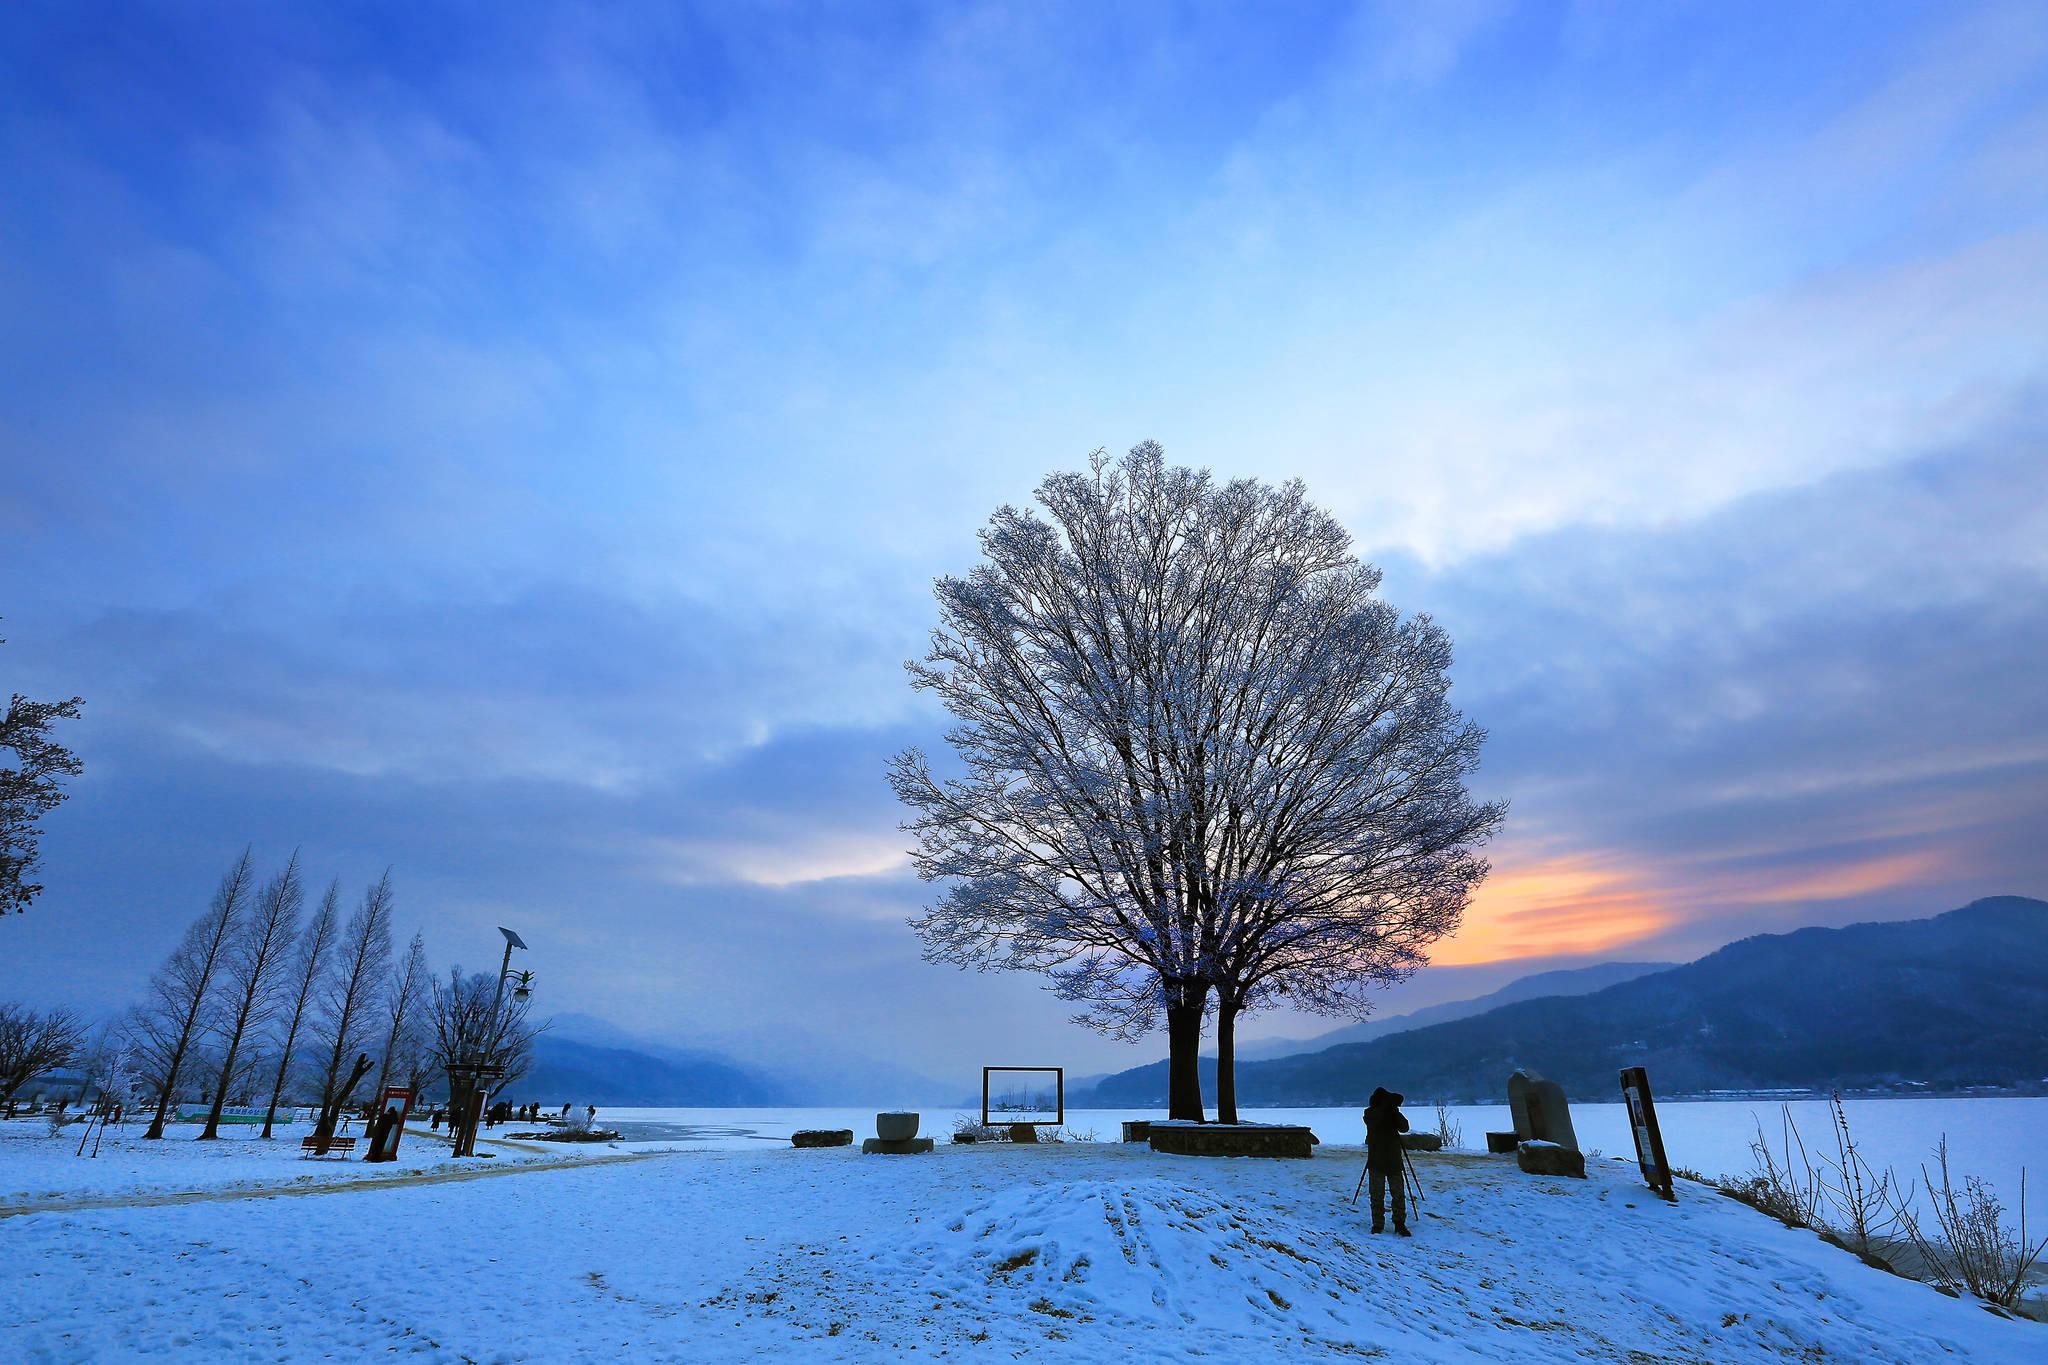 양평 두물머리 겨울 풍경. [사진 문화체육관광부]